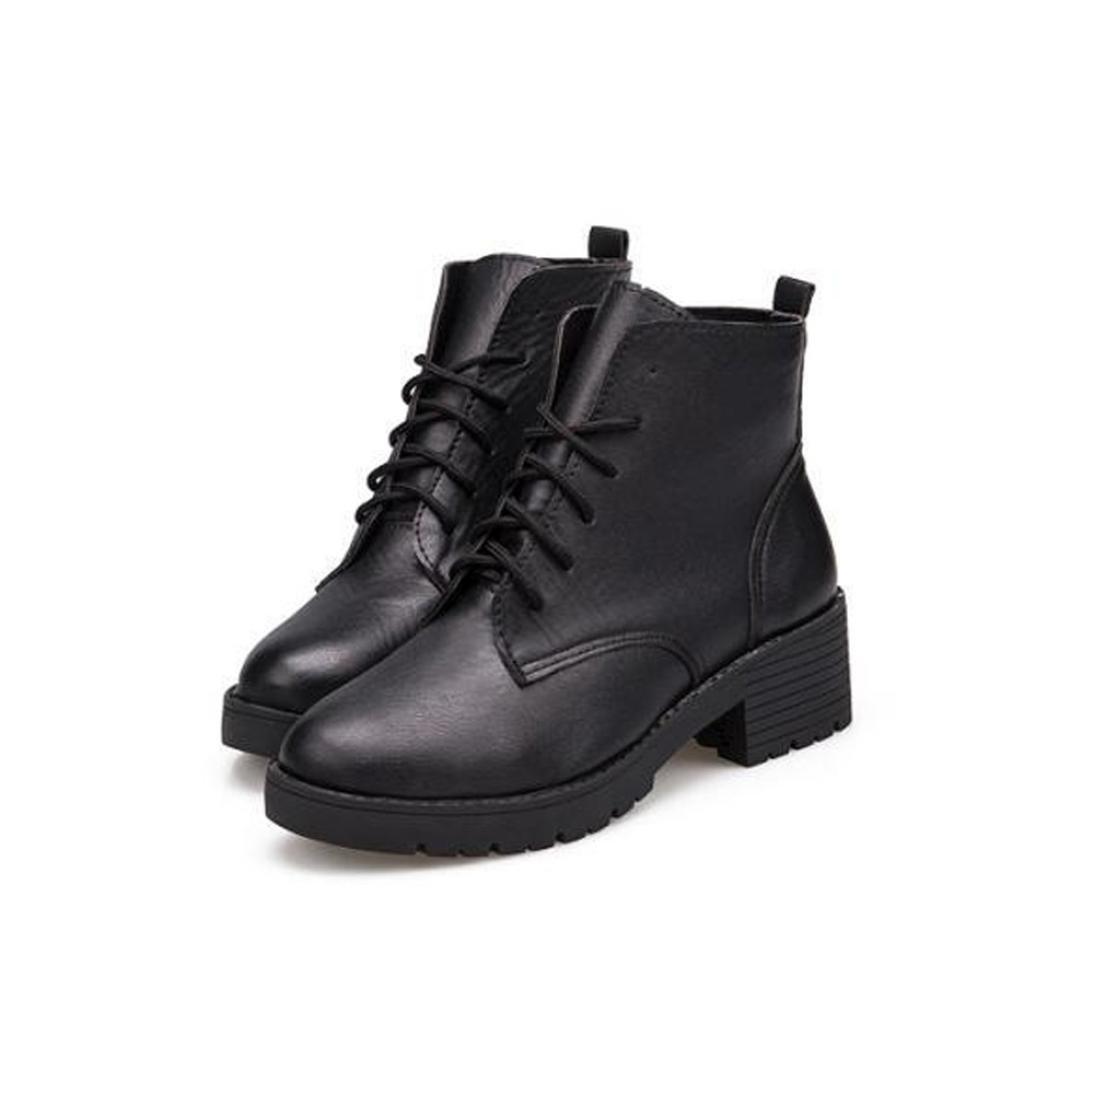 Coloré Sport TM Noir Boots Chaussures Sport - Chaussures Classiques Noir 118639e - therethere.space